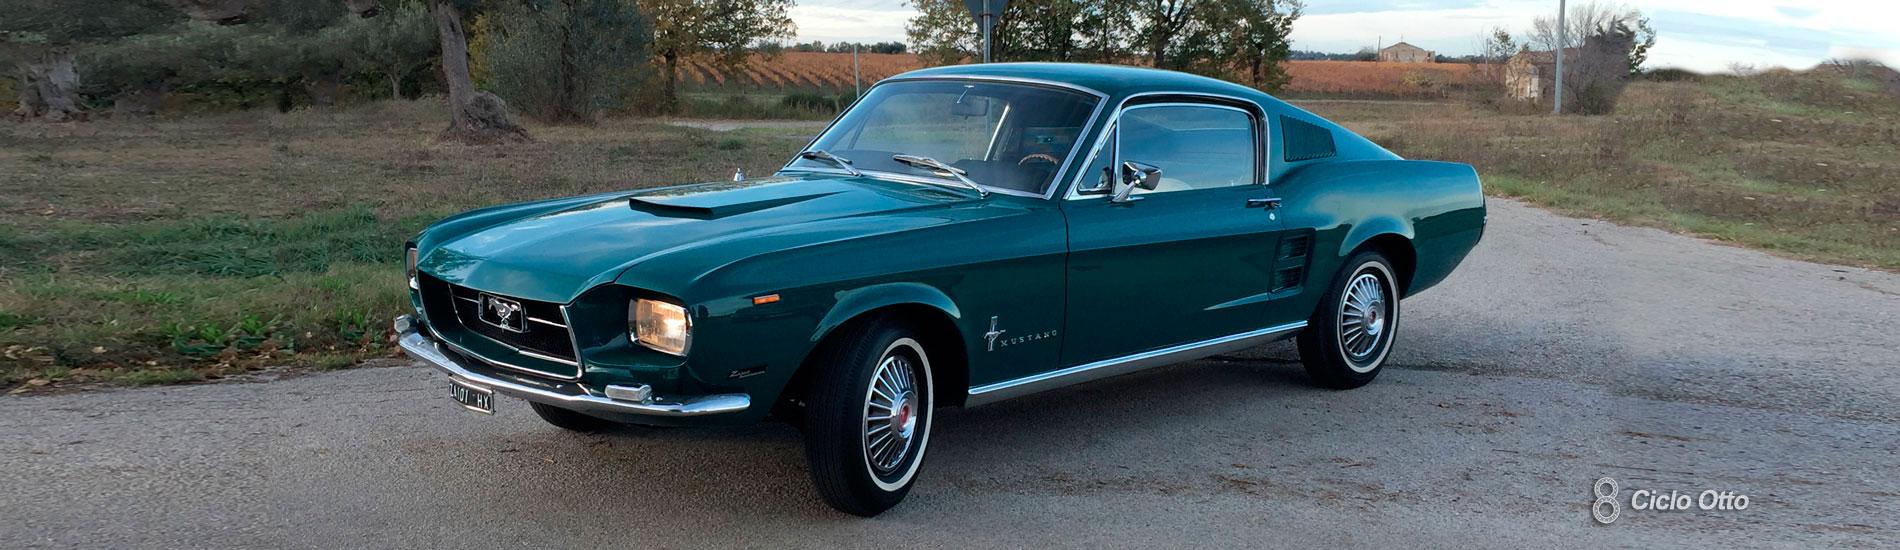 Ford Mustang Zagato - Immagine di Fabio Di Pasquale